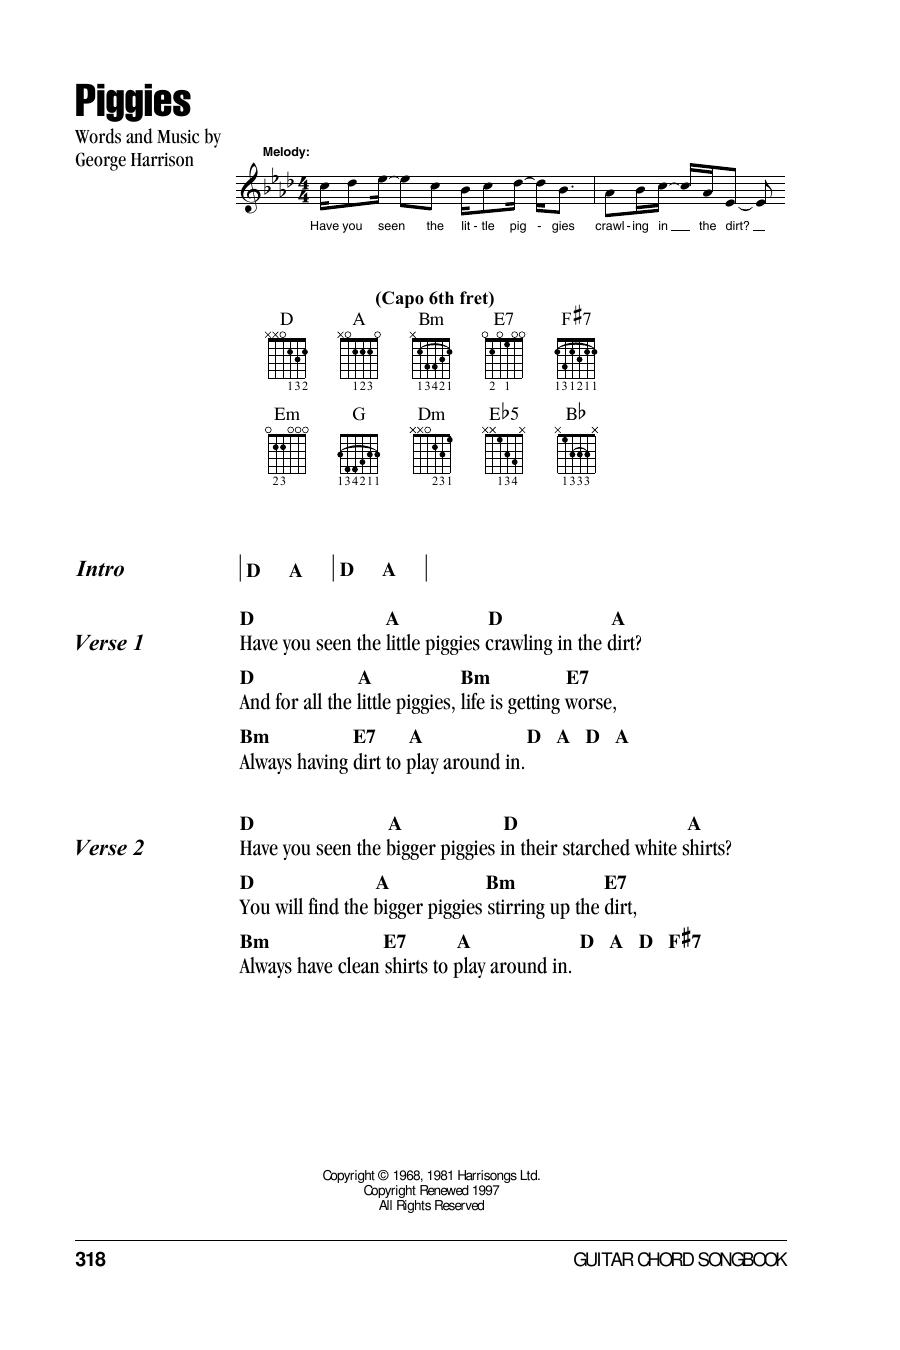 Piggies Sheet Music Direct